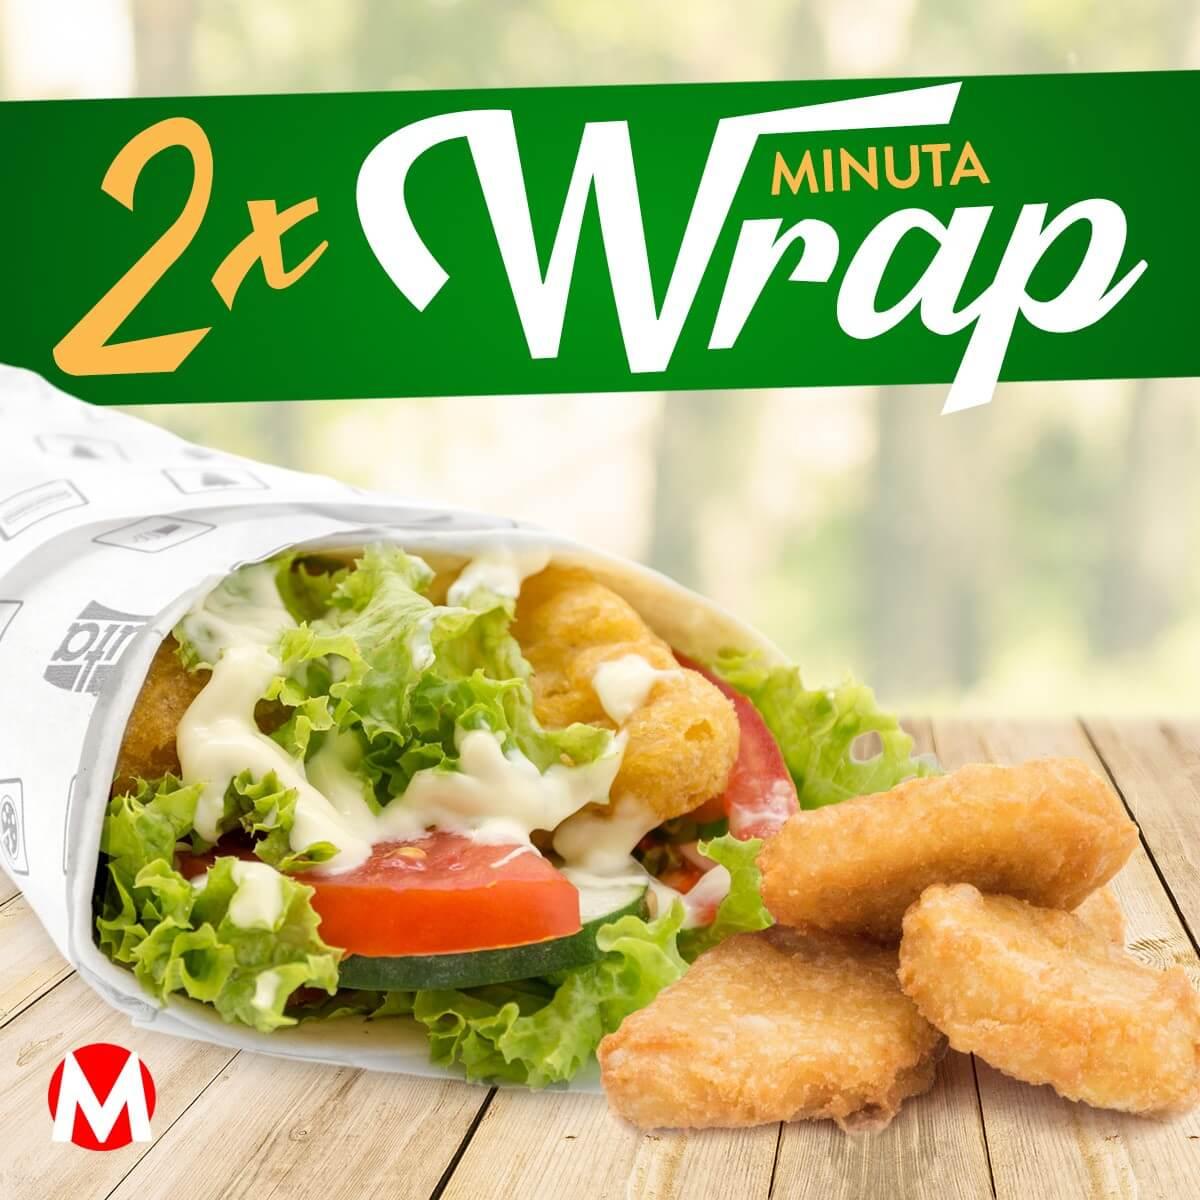 2x_wrap